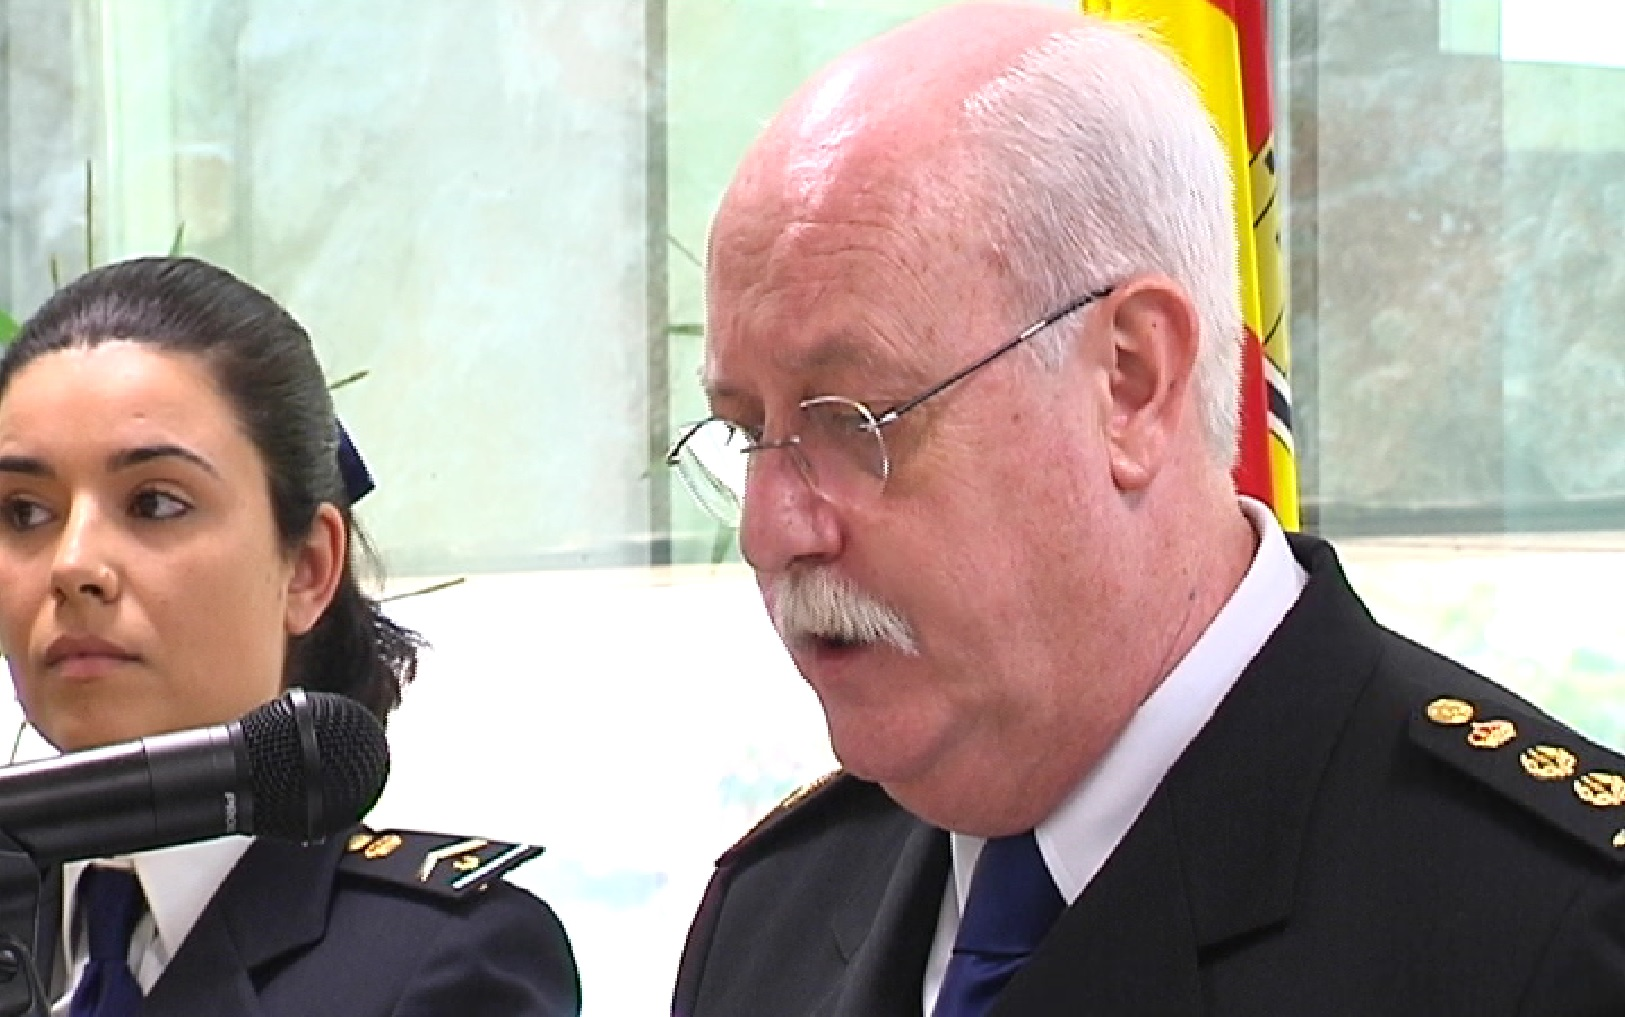 Nou+comissari+de+la+Policia+Nacional+a+Eivissa